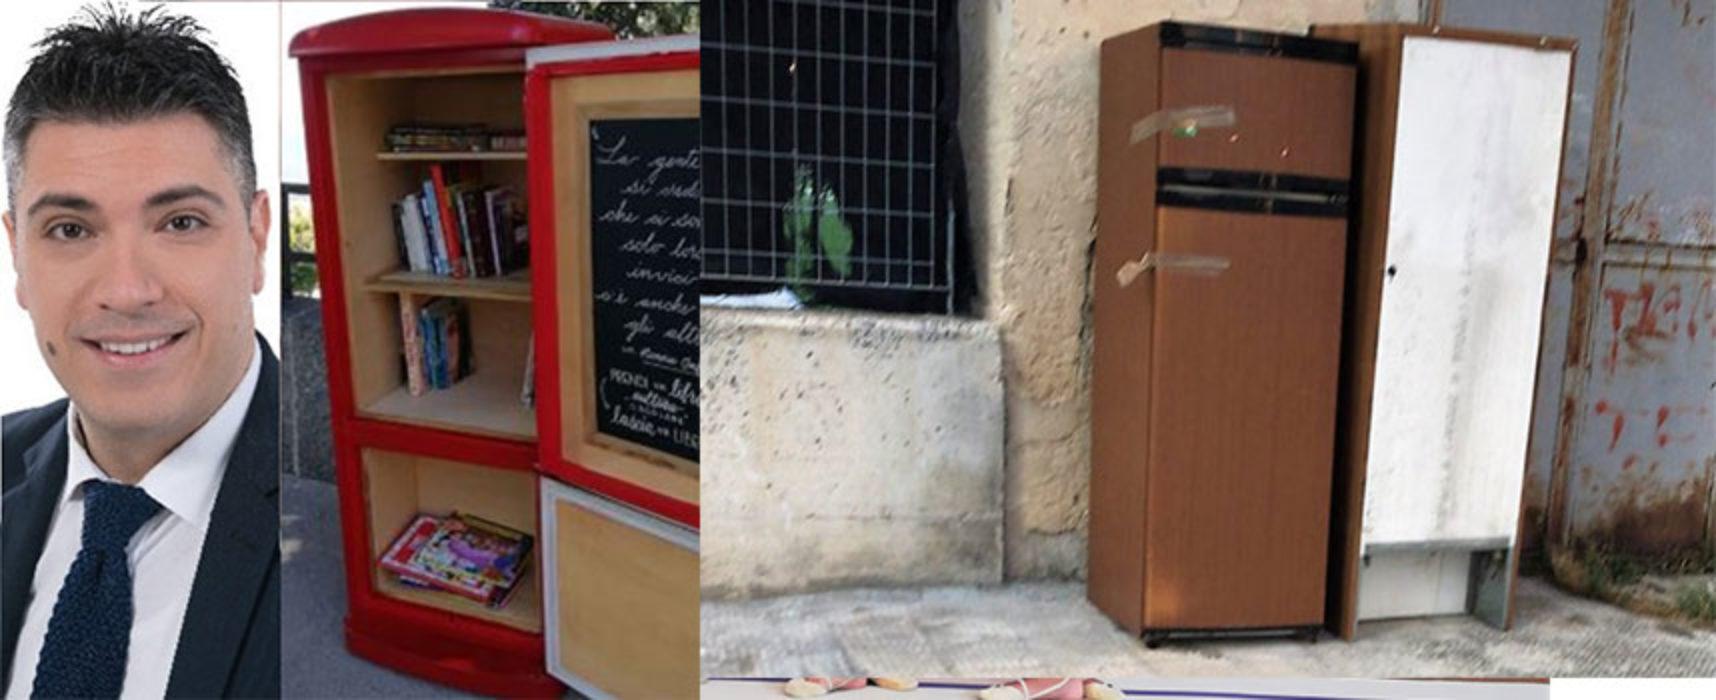 """Di Leo, """"Trasfomare frigorferi abbandonati in librerie,  trarre vantaggio da situazione incresciosa"""""""